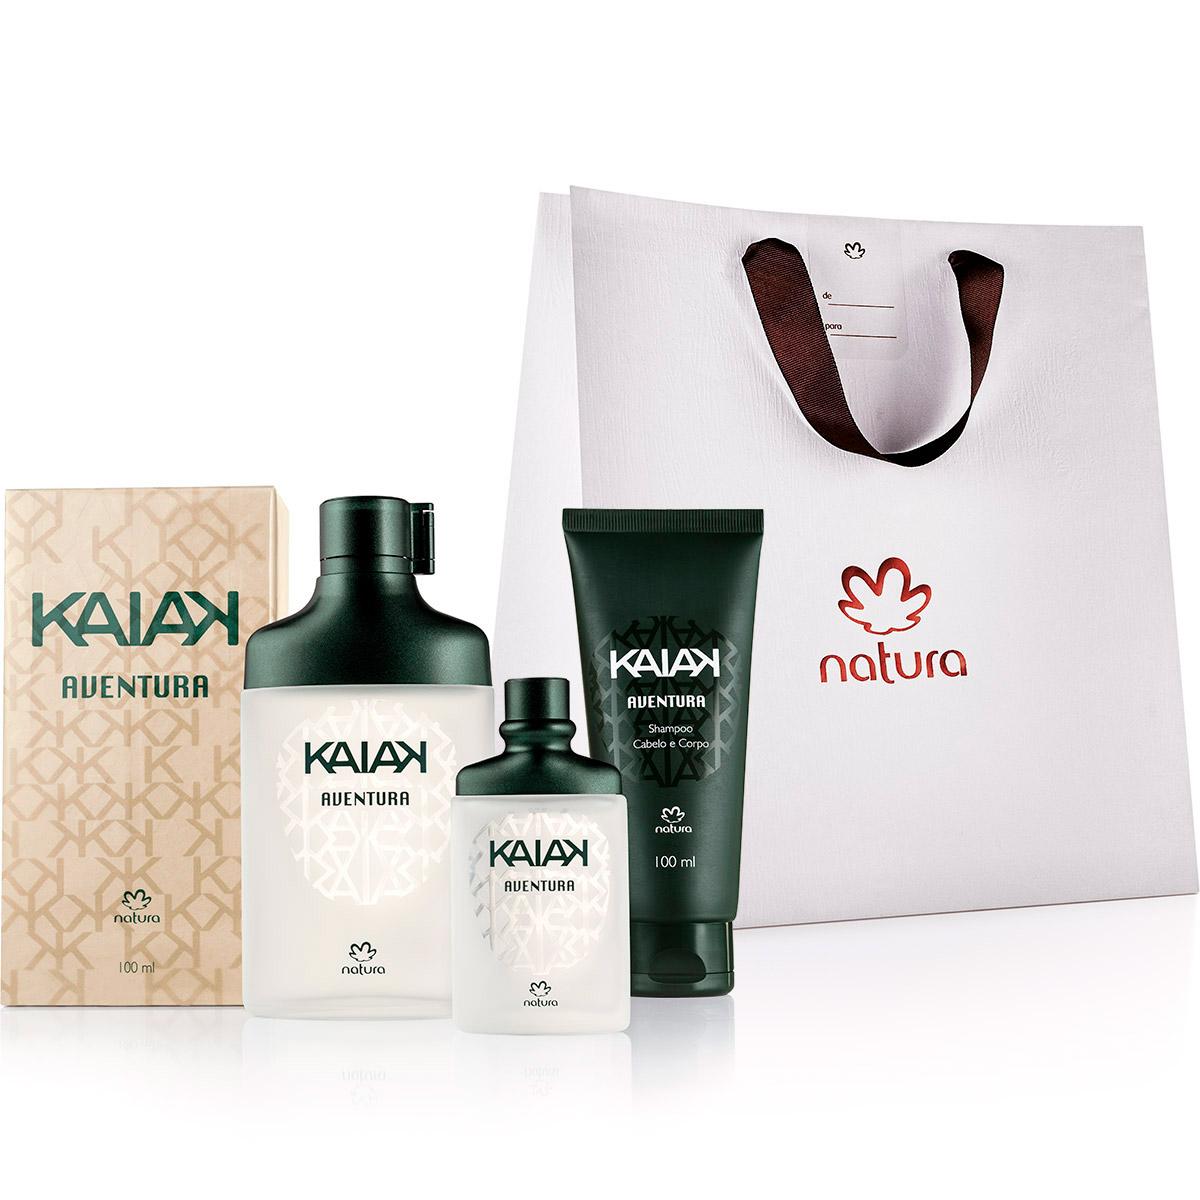 Presente Natura Kaiak Aventura - 66268